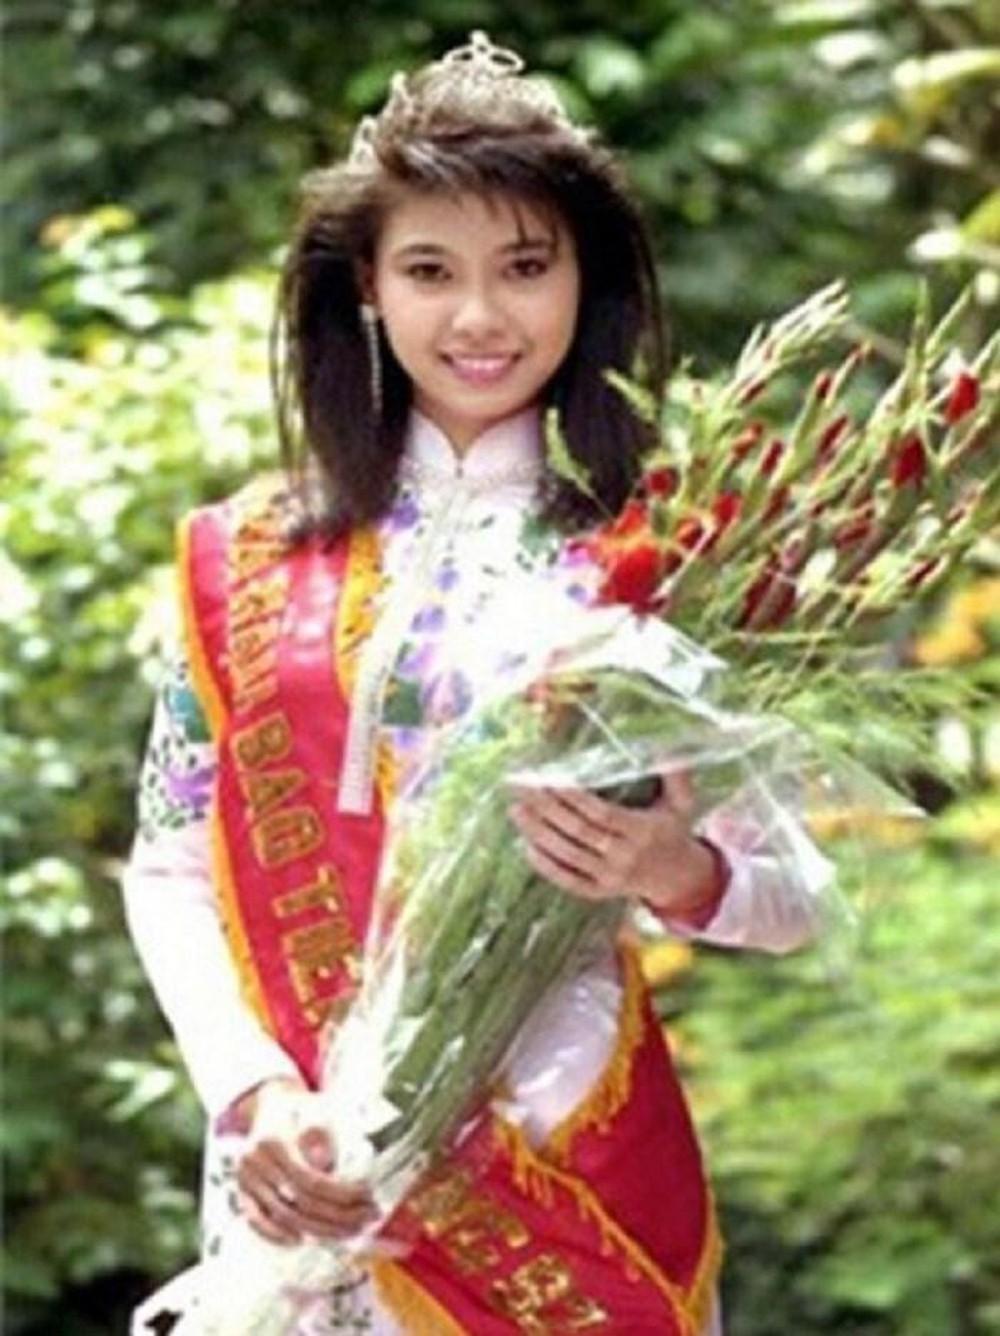 Vẻ đẹp thuần khiết của 16 cô gái thuở mới đăng quang Hoa hậu Việt Nam: Chờ đợi nhan sắc kế nhiệm Tiểu Vy Ảnh 28